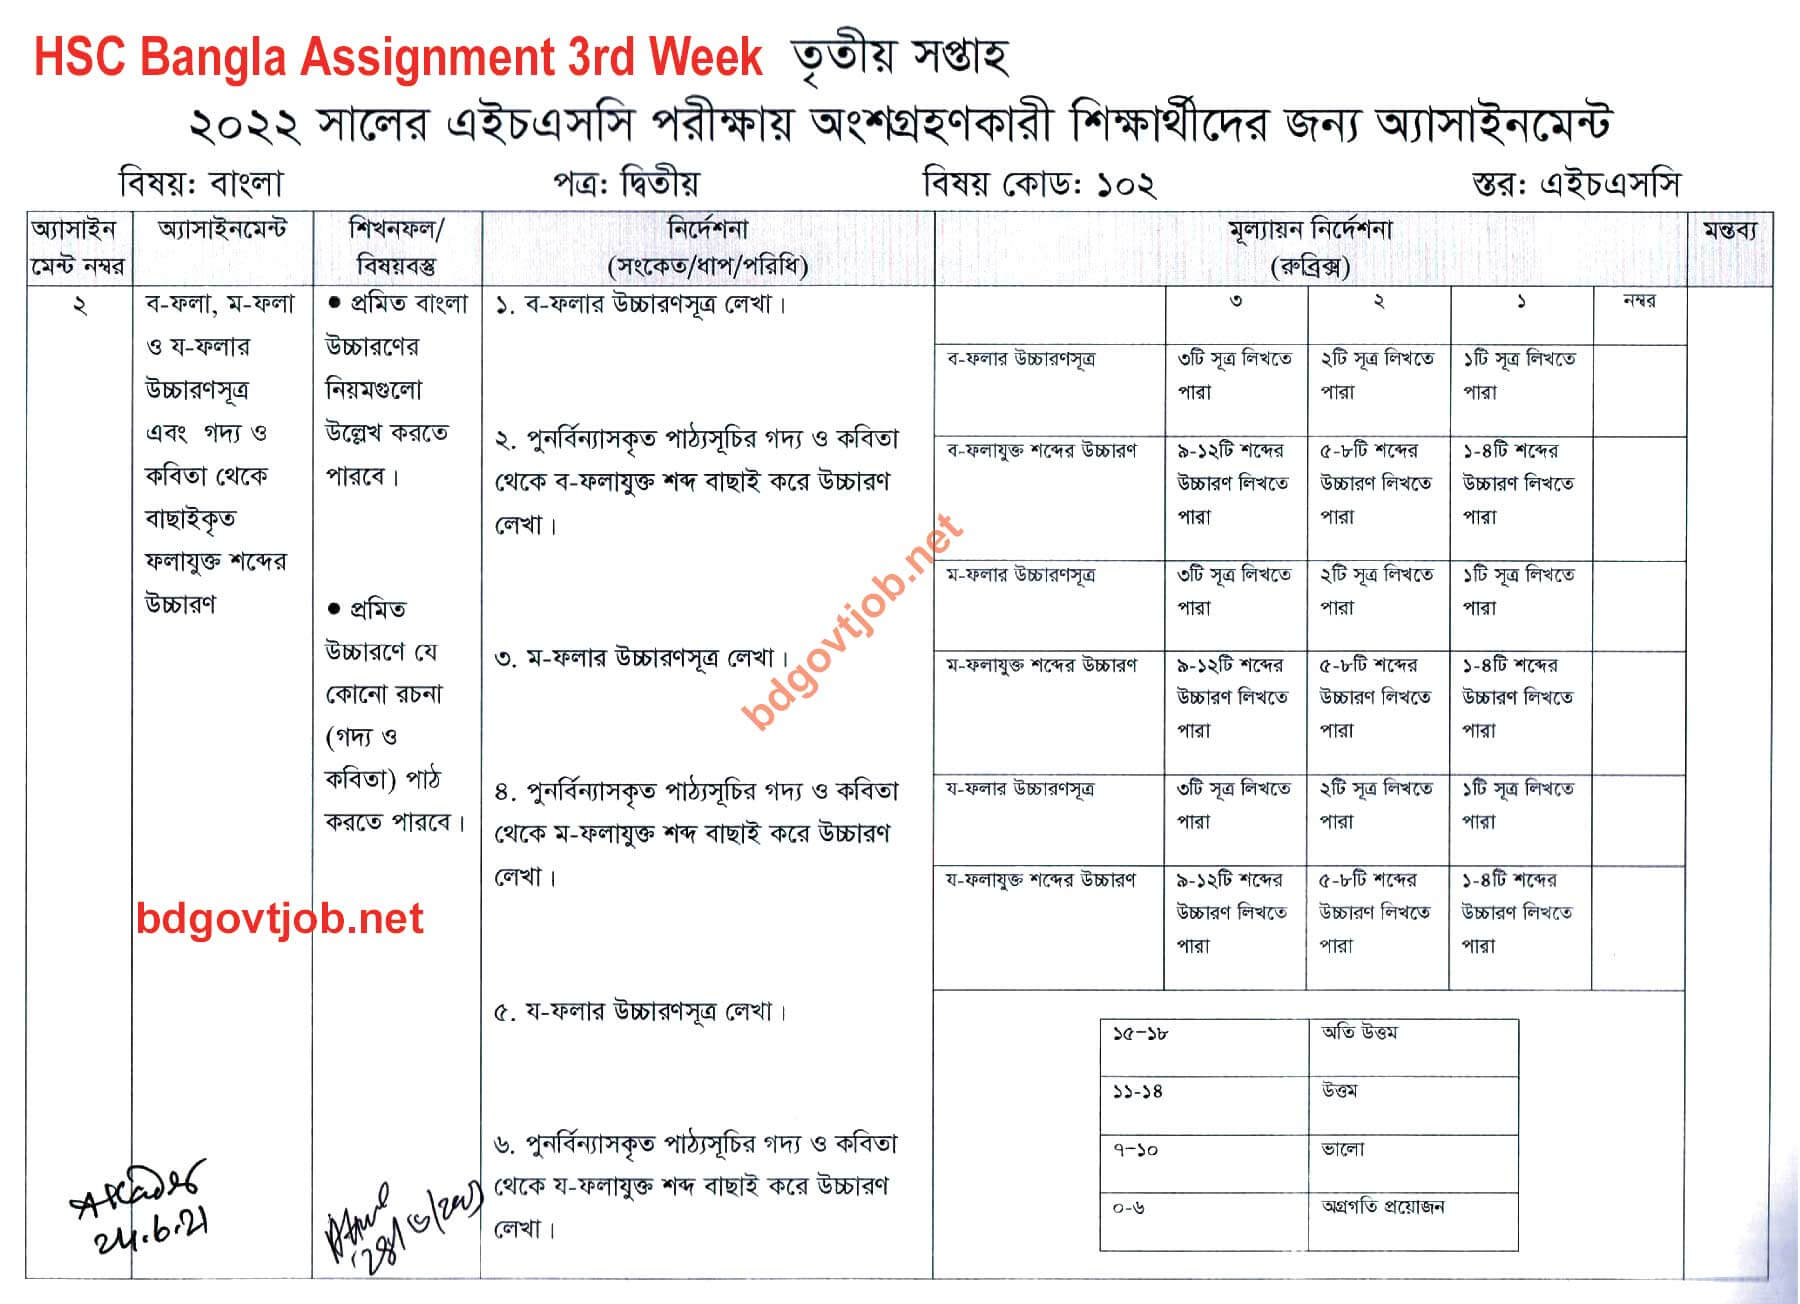 Hsc assignment 2022 bangla